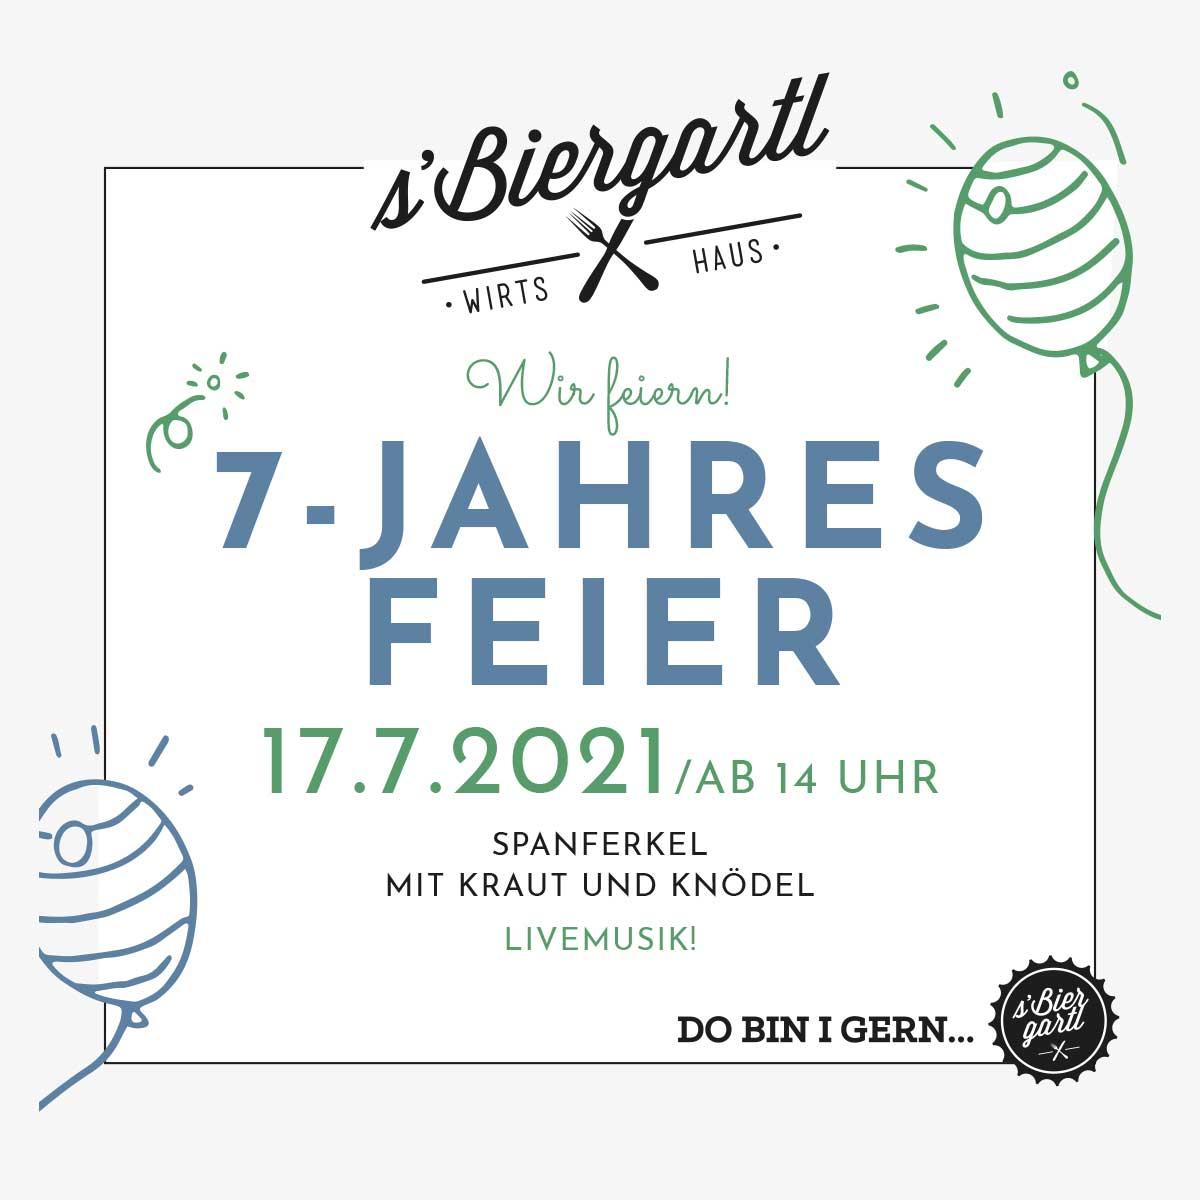 7-Jahresfeier s'Biergartl in Graz